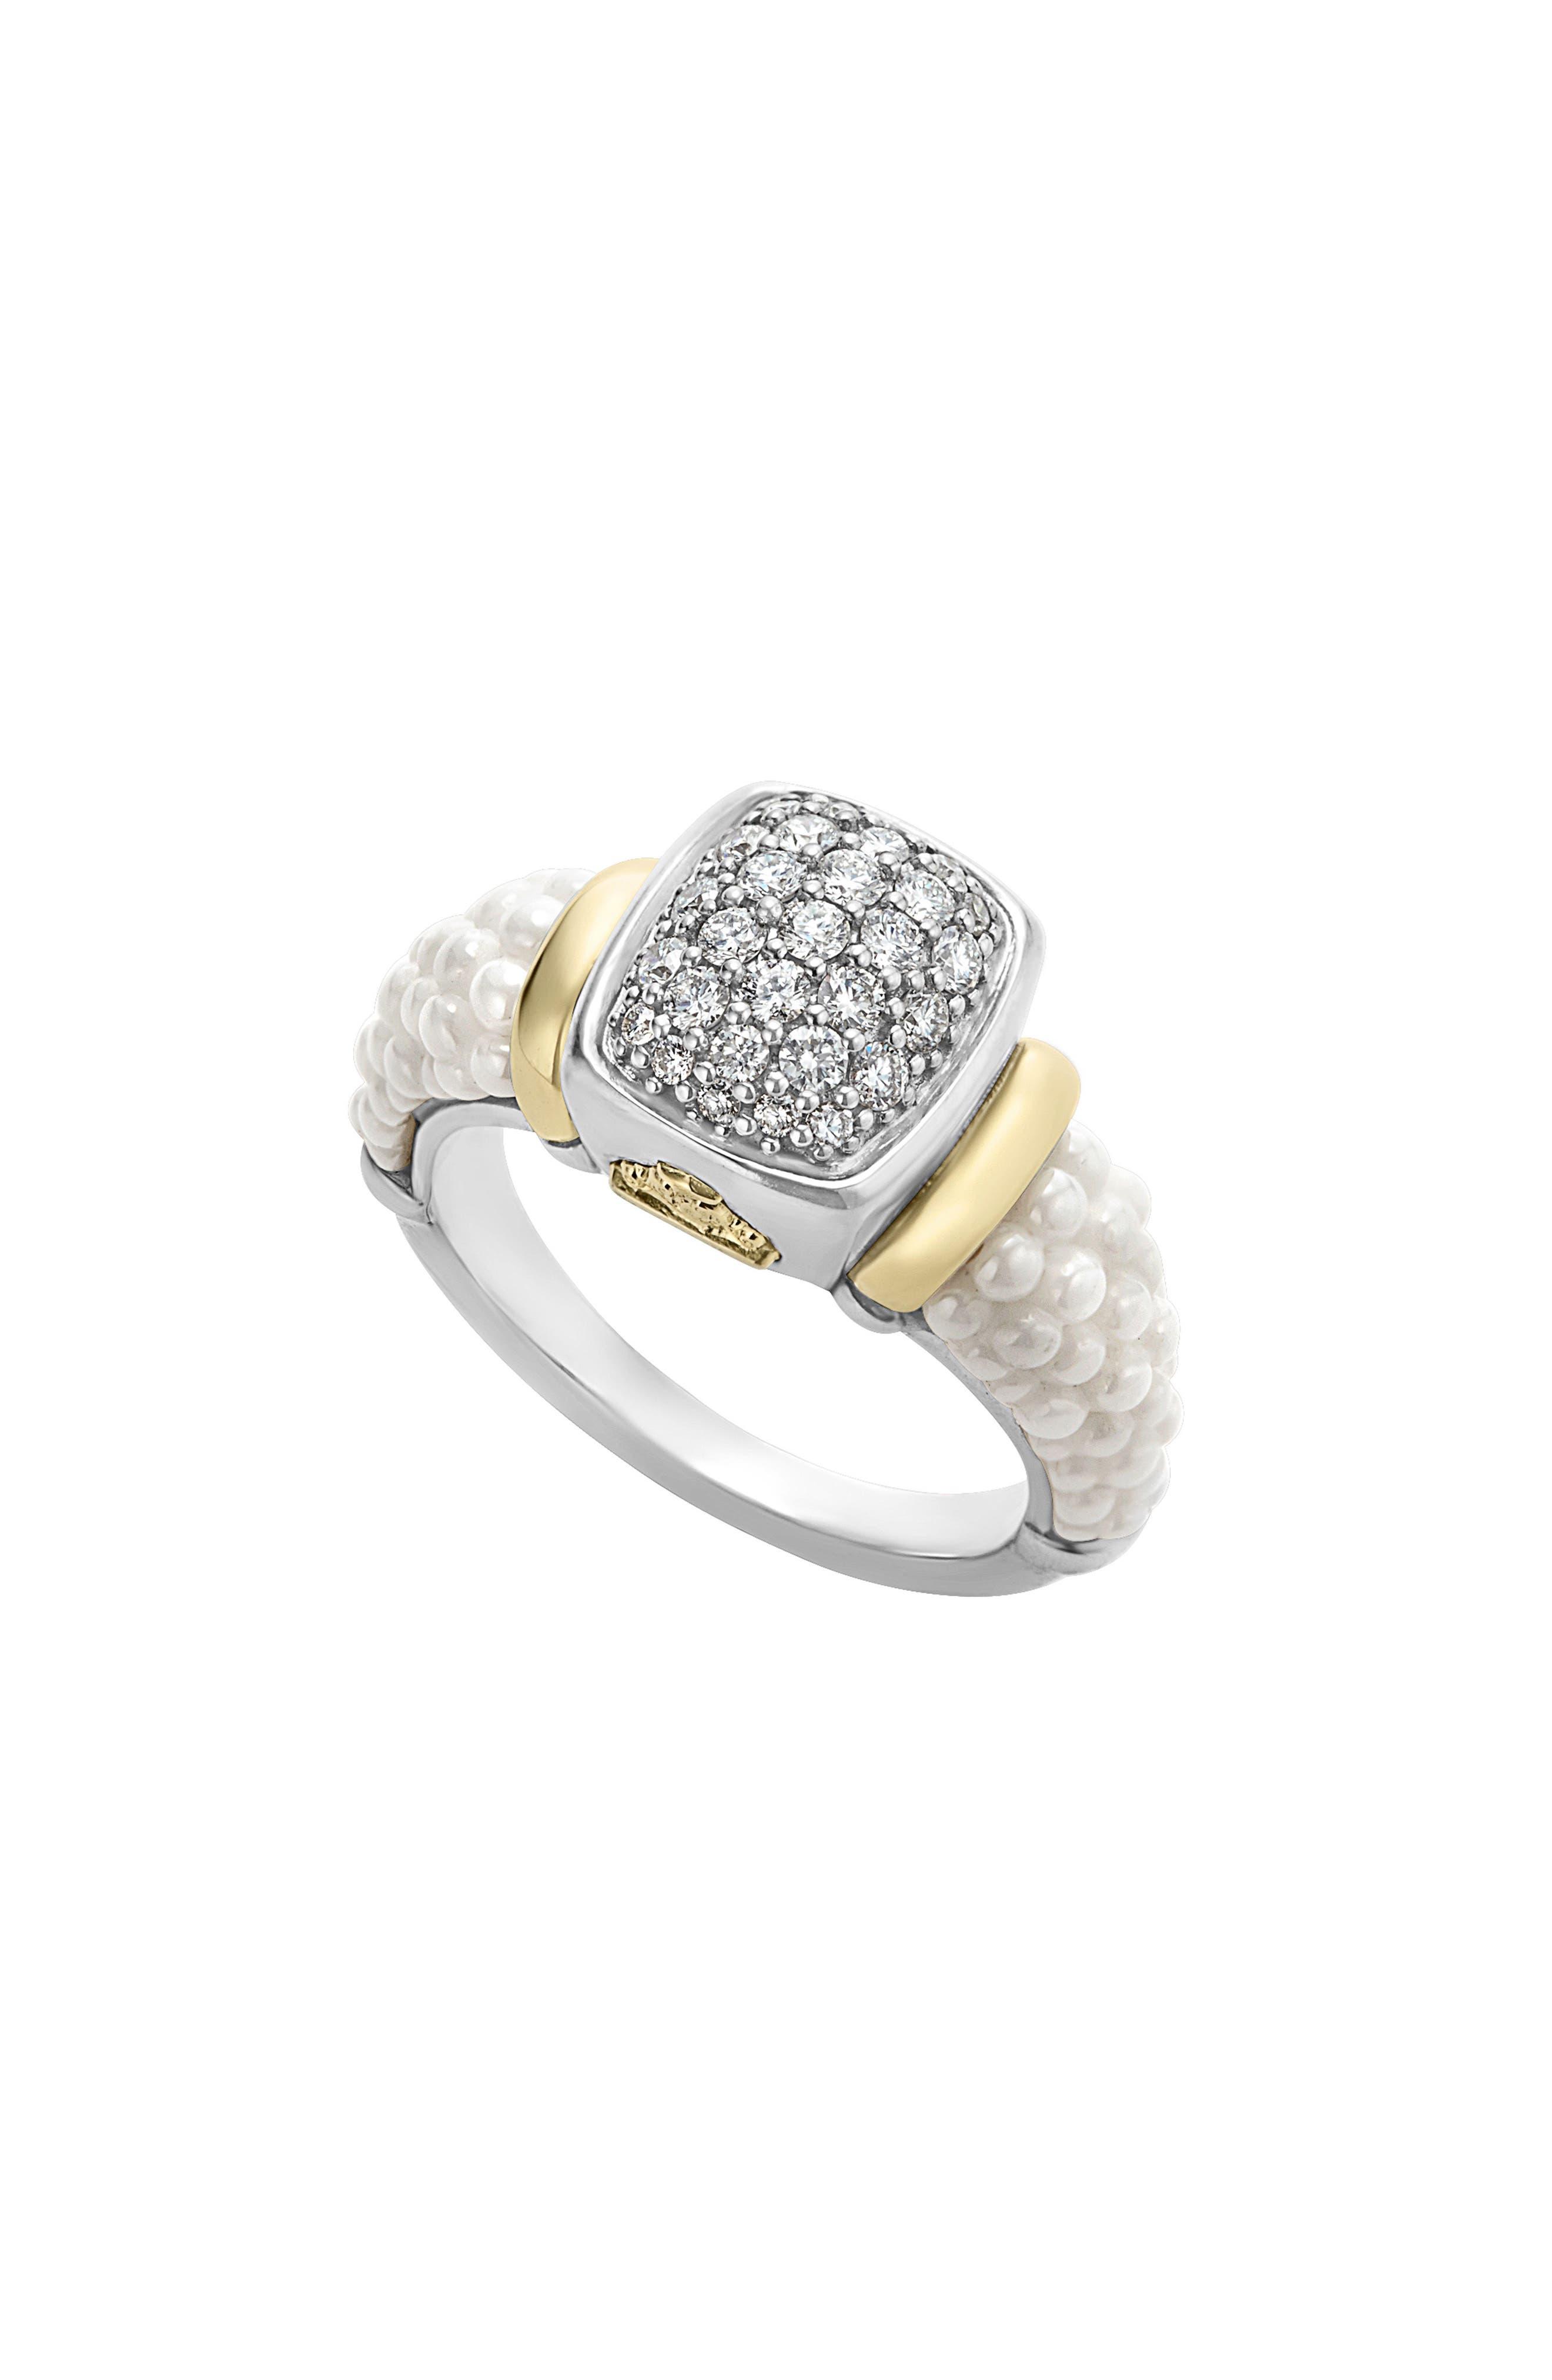 LAGOS 'Caviar' Diamond Ring